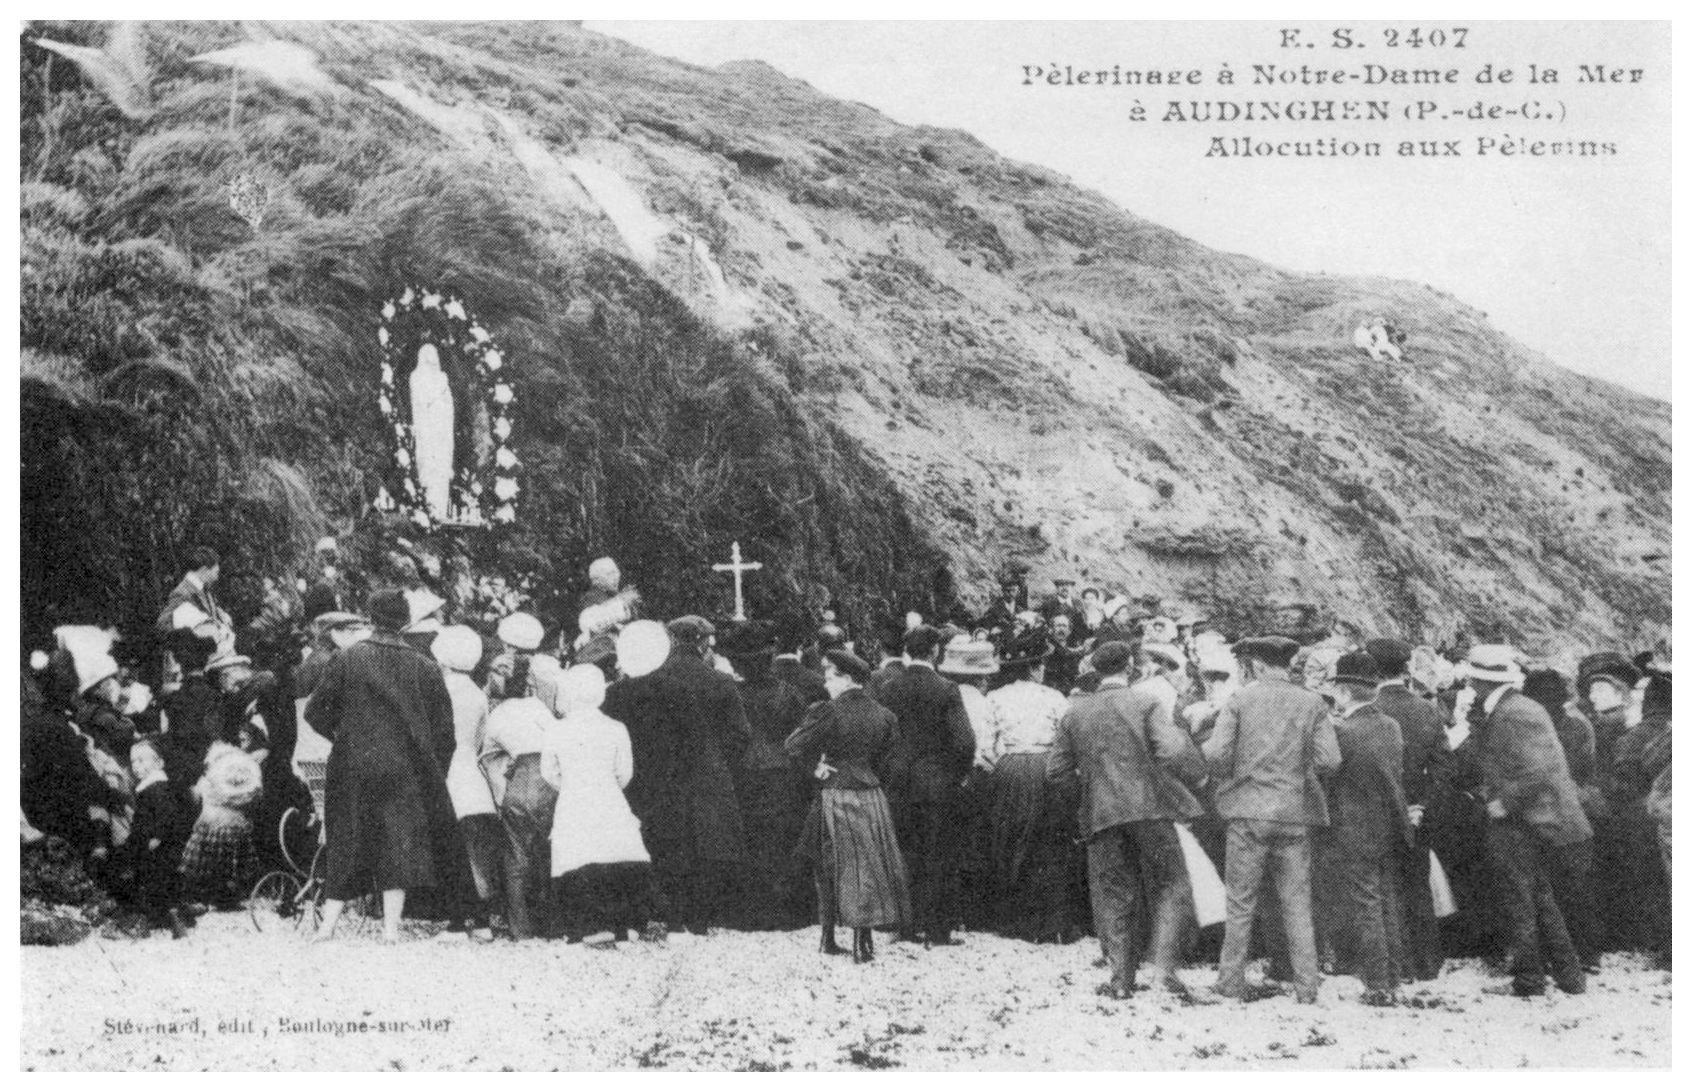 Pèlerinage à Notre Dame de la mer à Audinghen